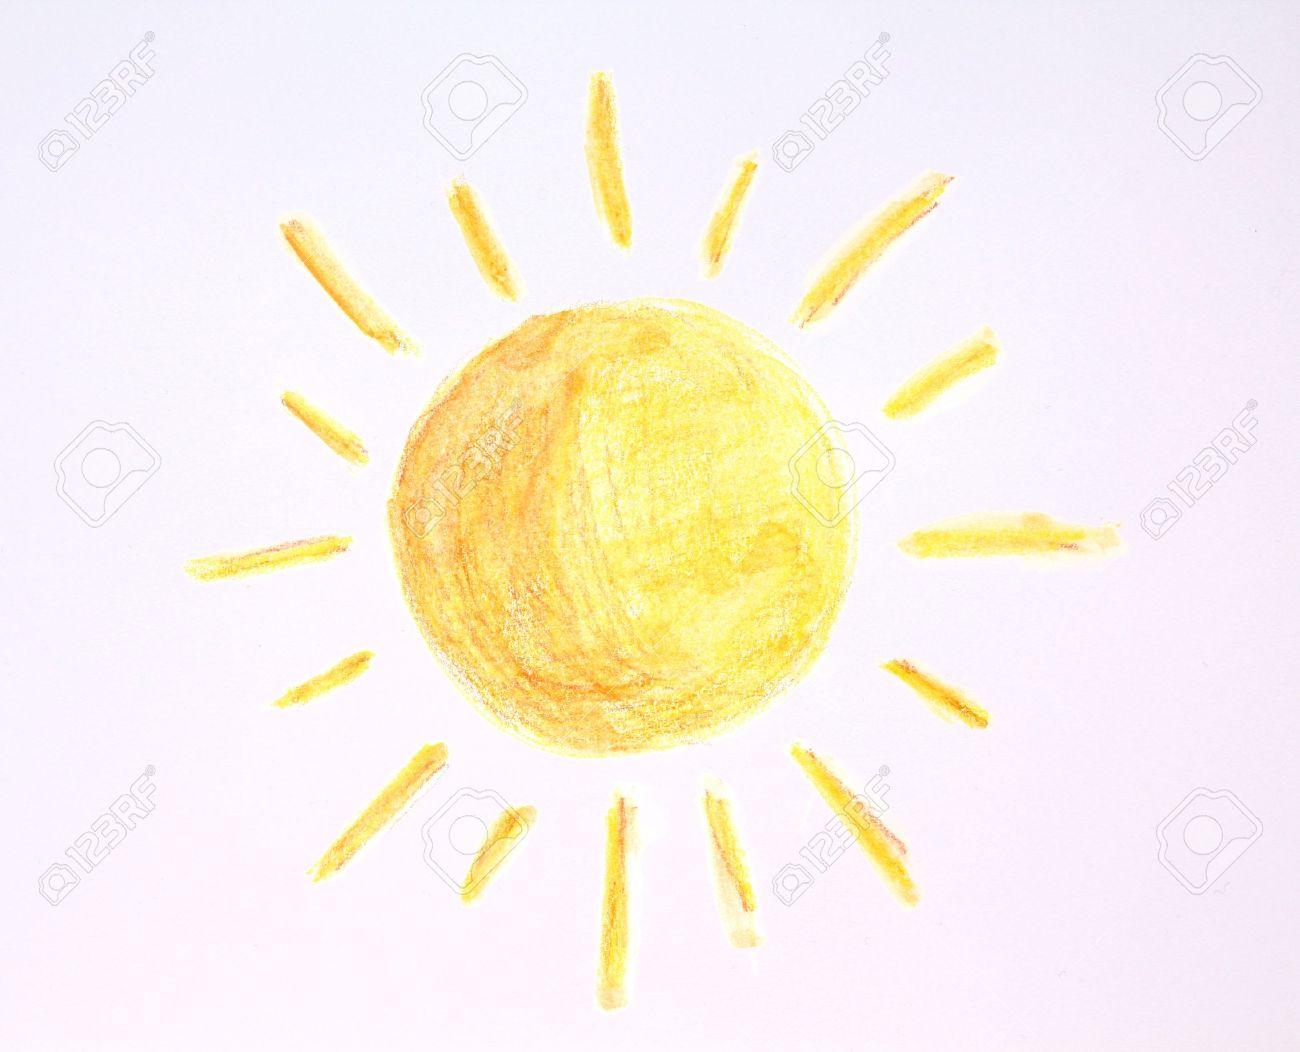 dibujo de sol hecho por los creyones estilo de ilustración infantil